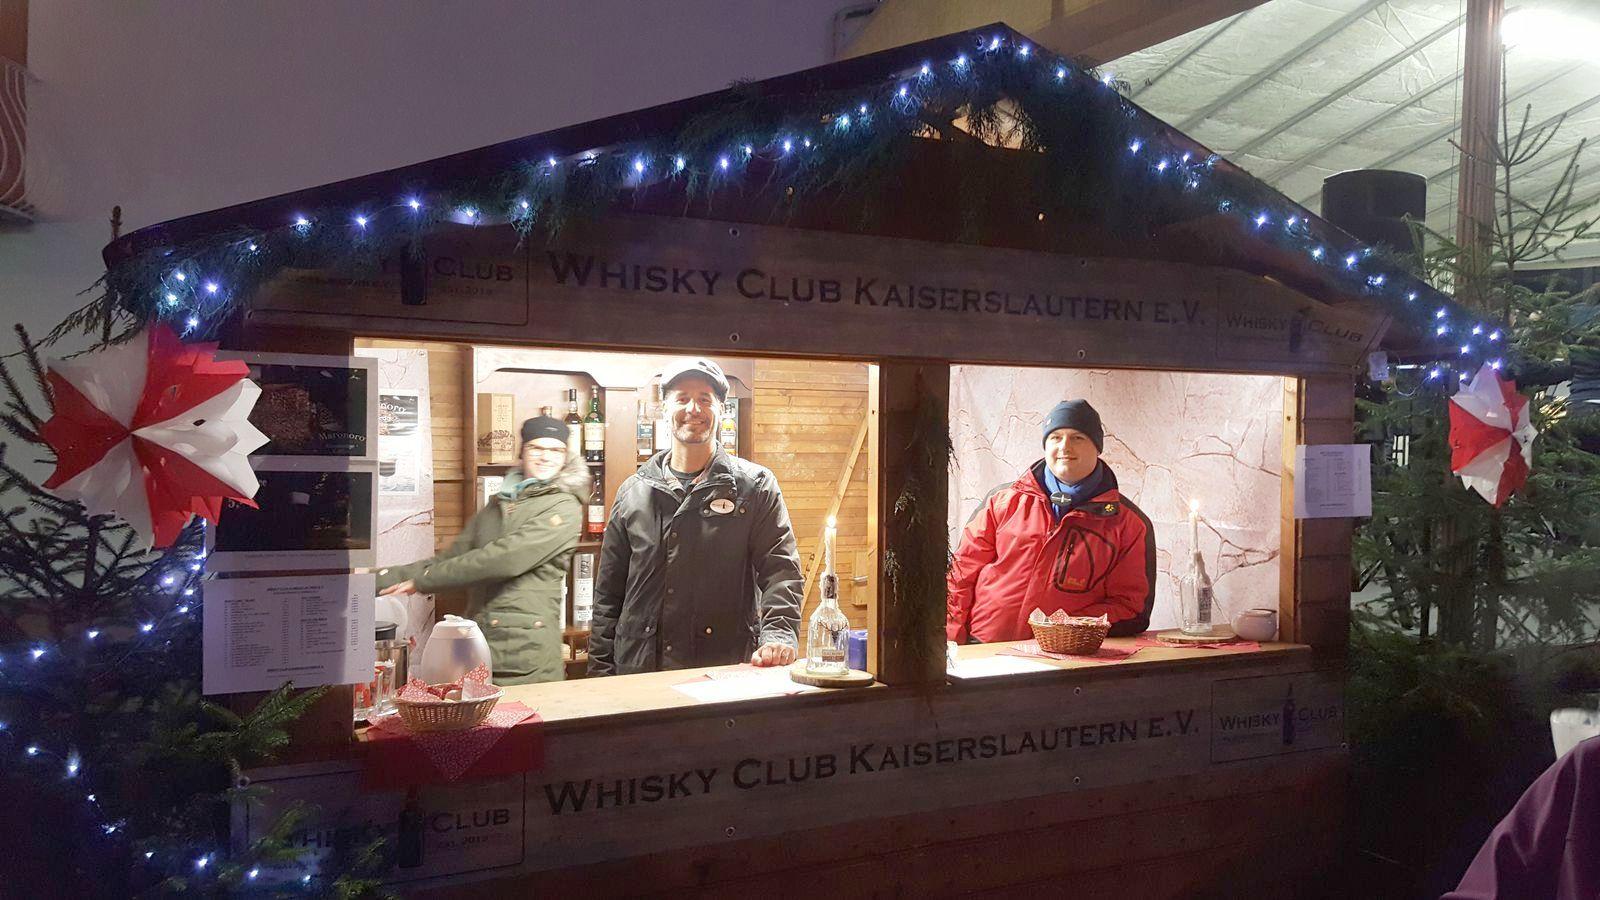 Zum ersten mal in Otterberg der Whisky Club Kaiserslautern e.V.